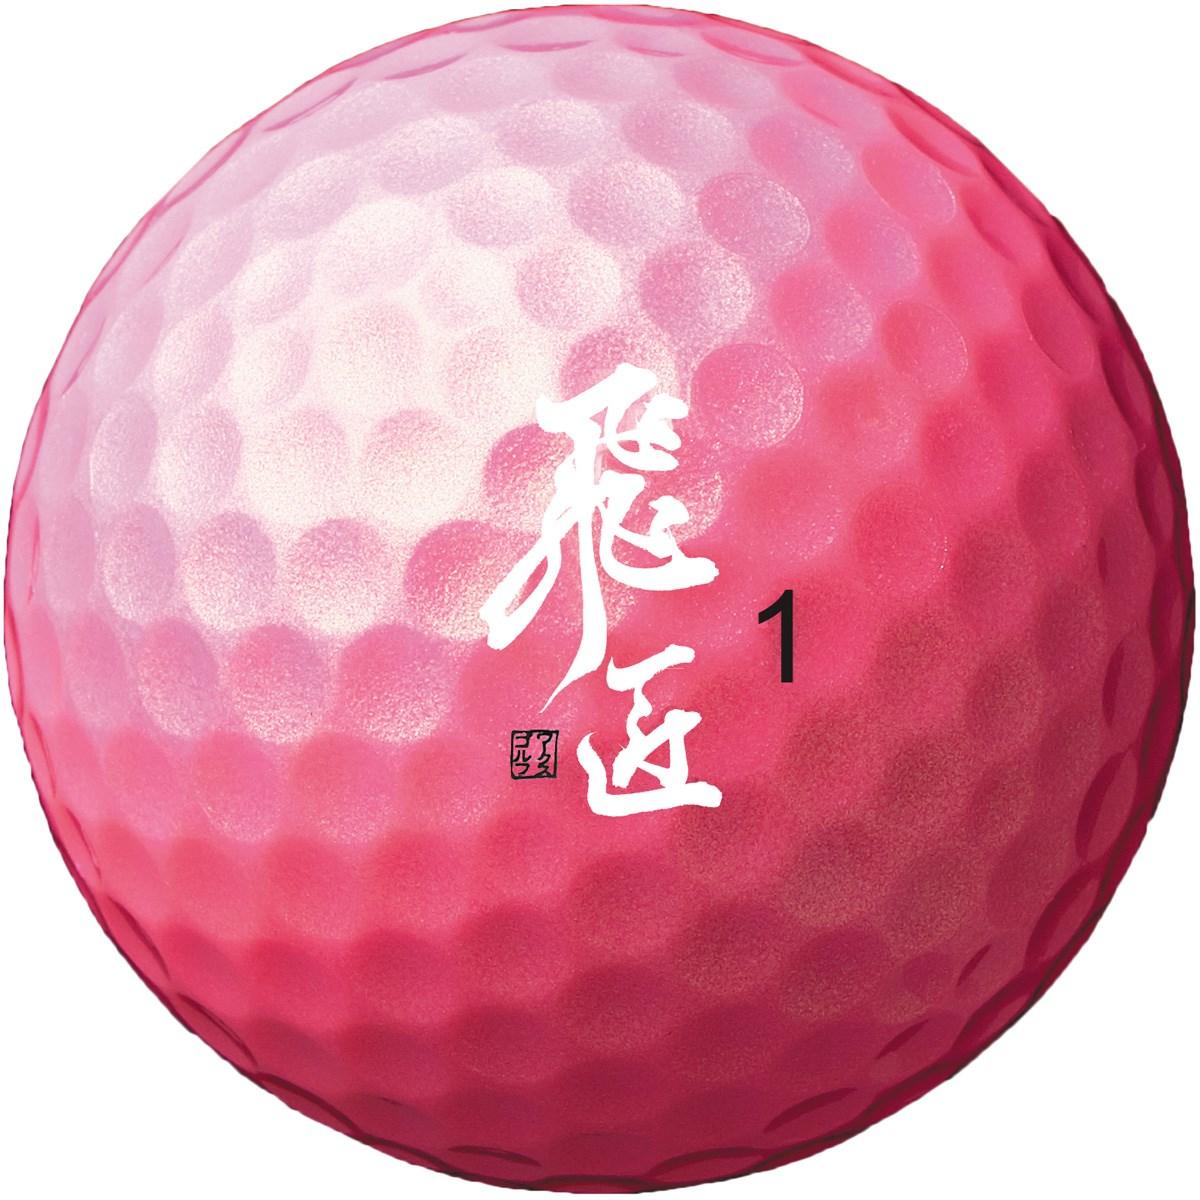 ワークス ゴルフ HISHO 飛匠 レディラベル ボール 1ダース(12個入り) ピンク 【非公認球】